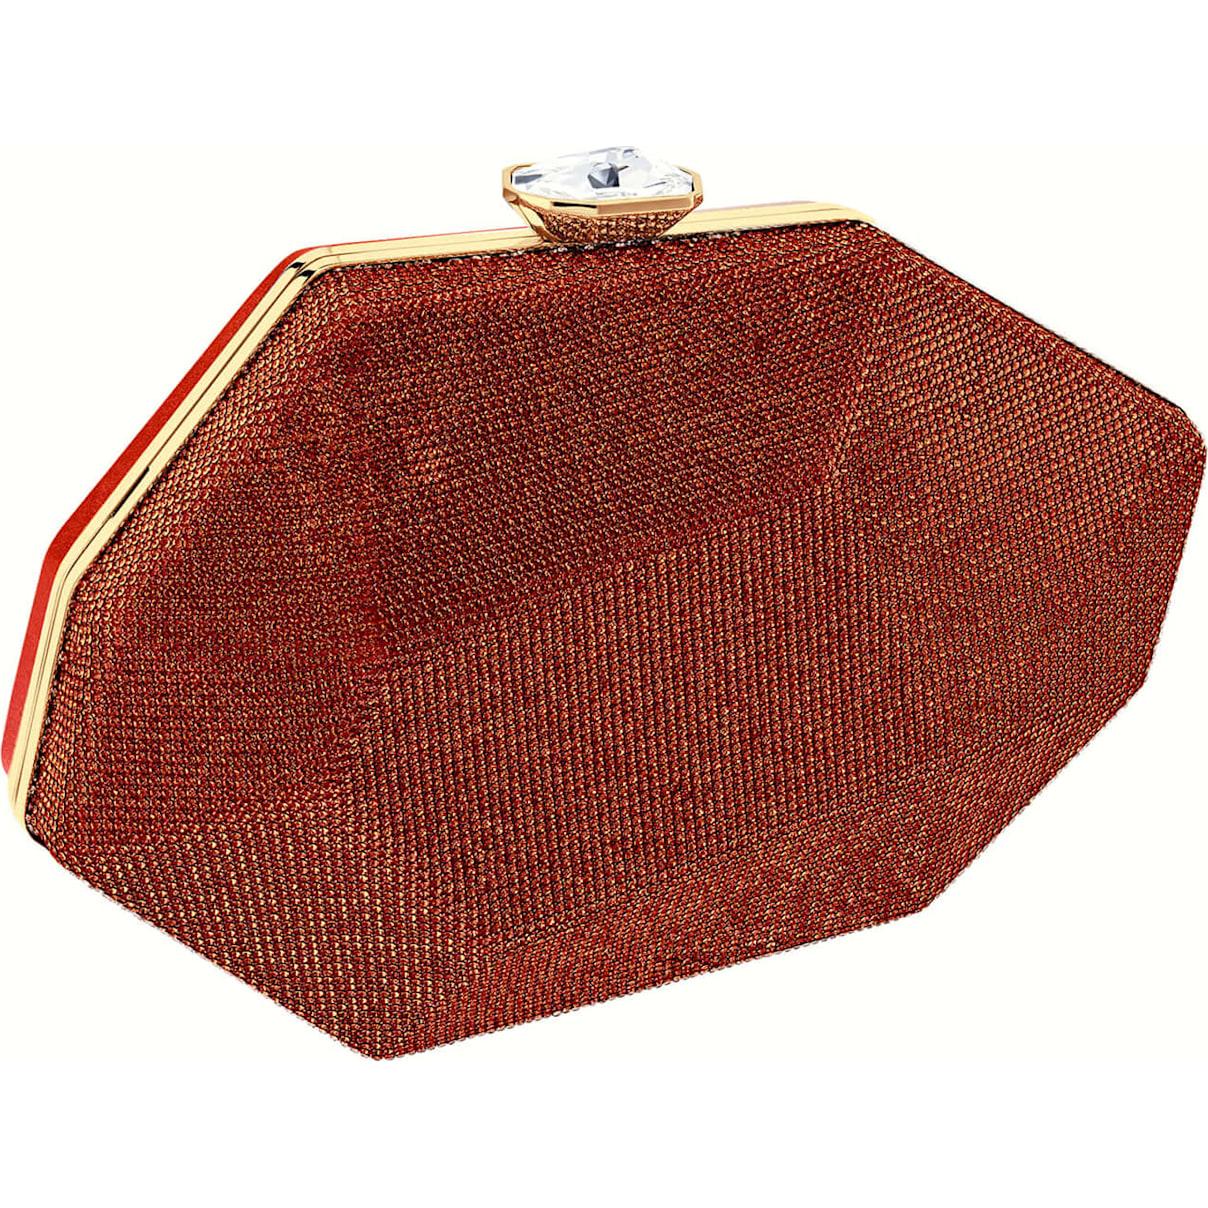 Swarovski Marina Bag, Red